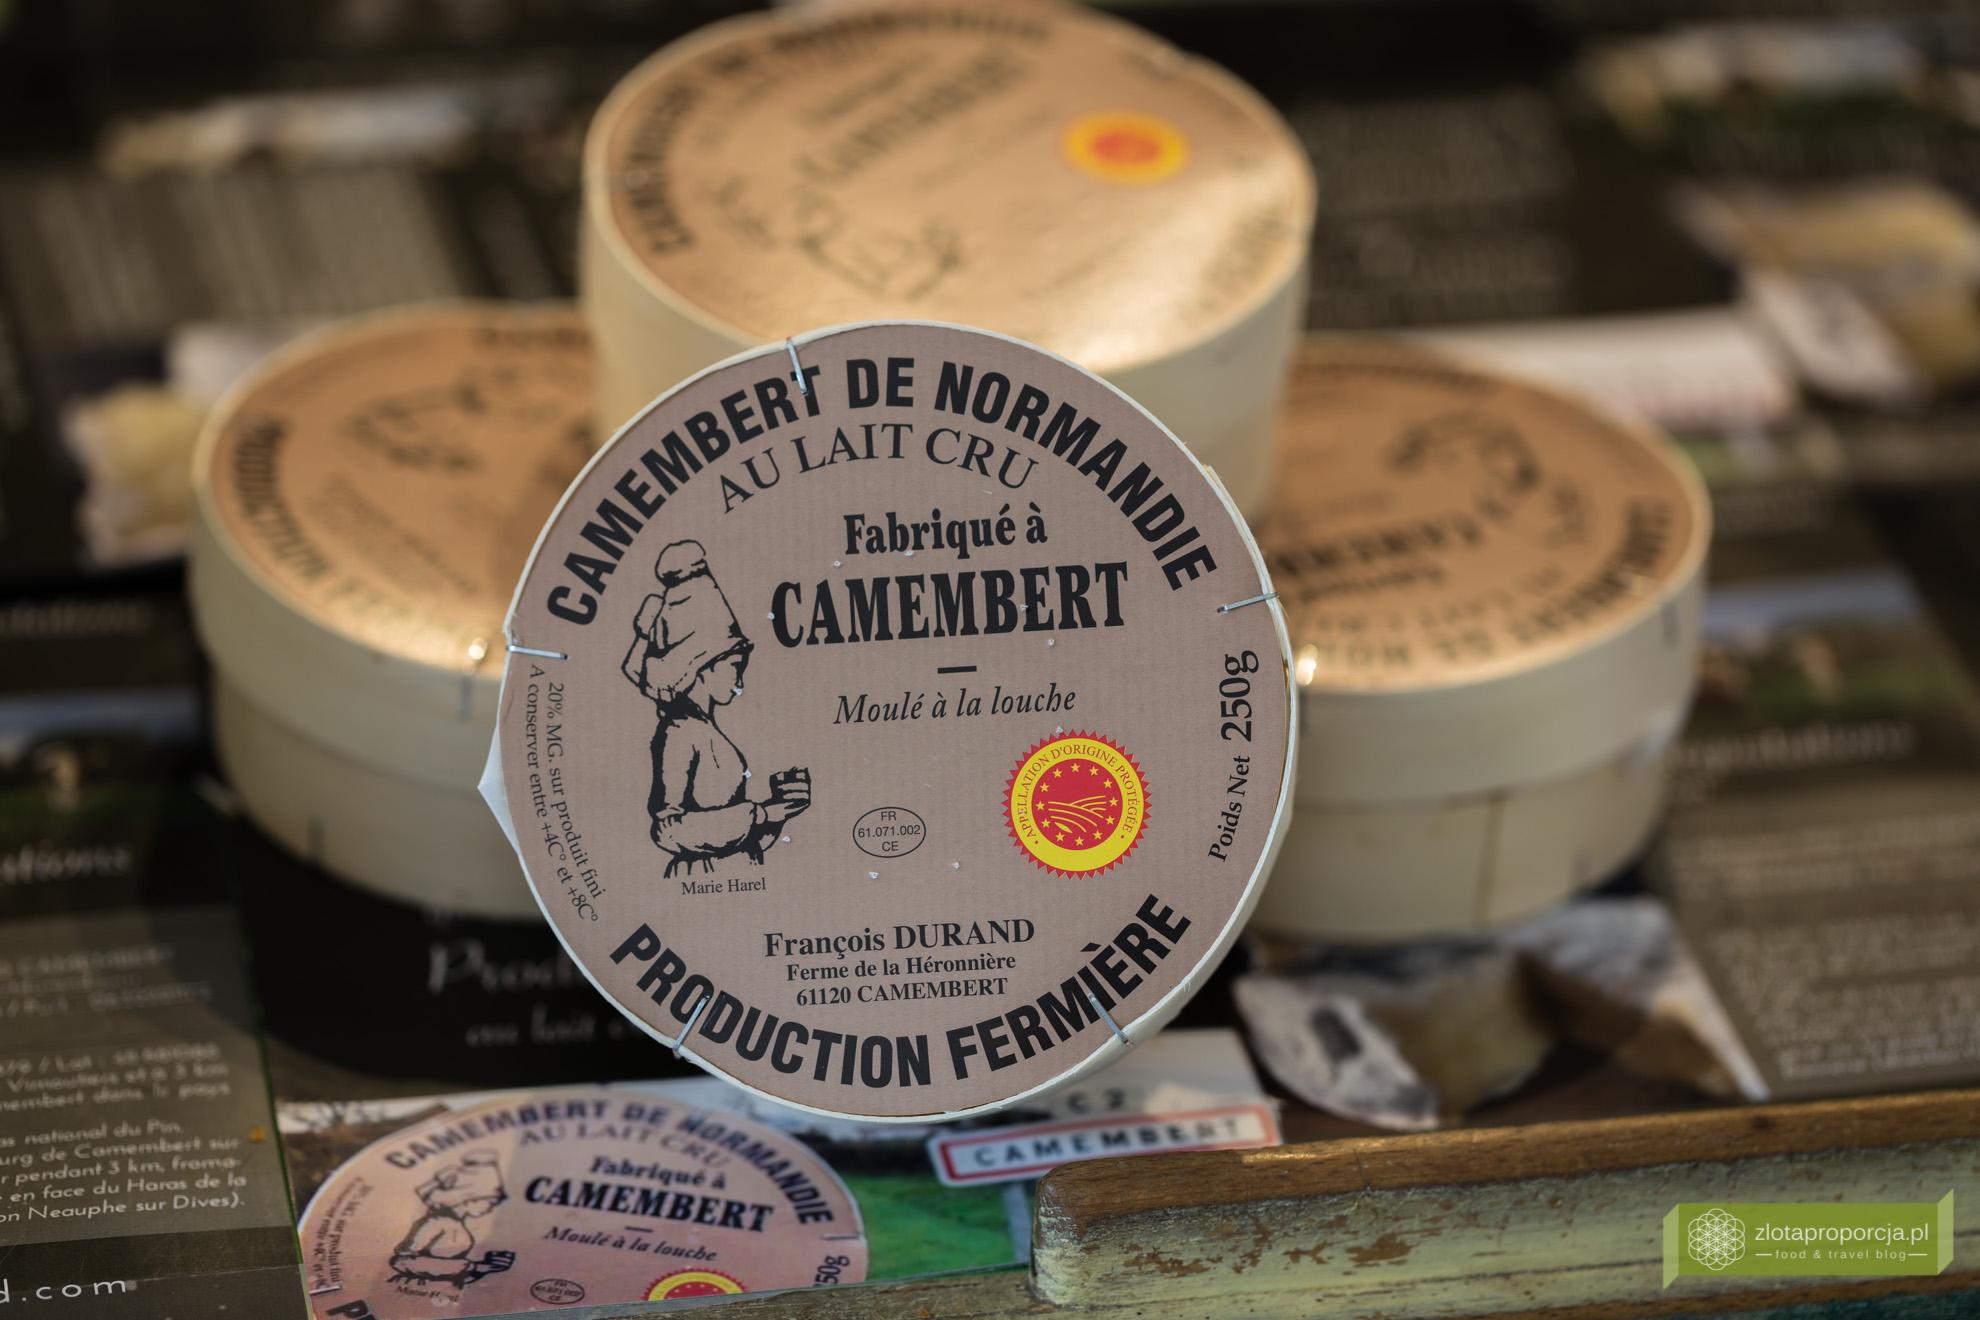 camembert-1580